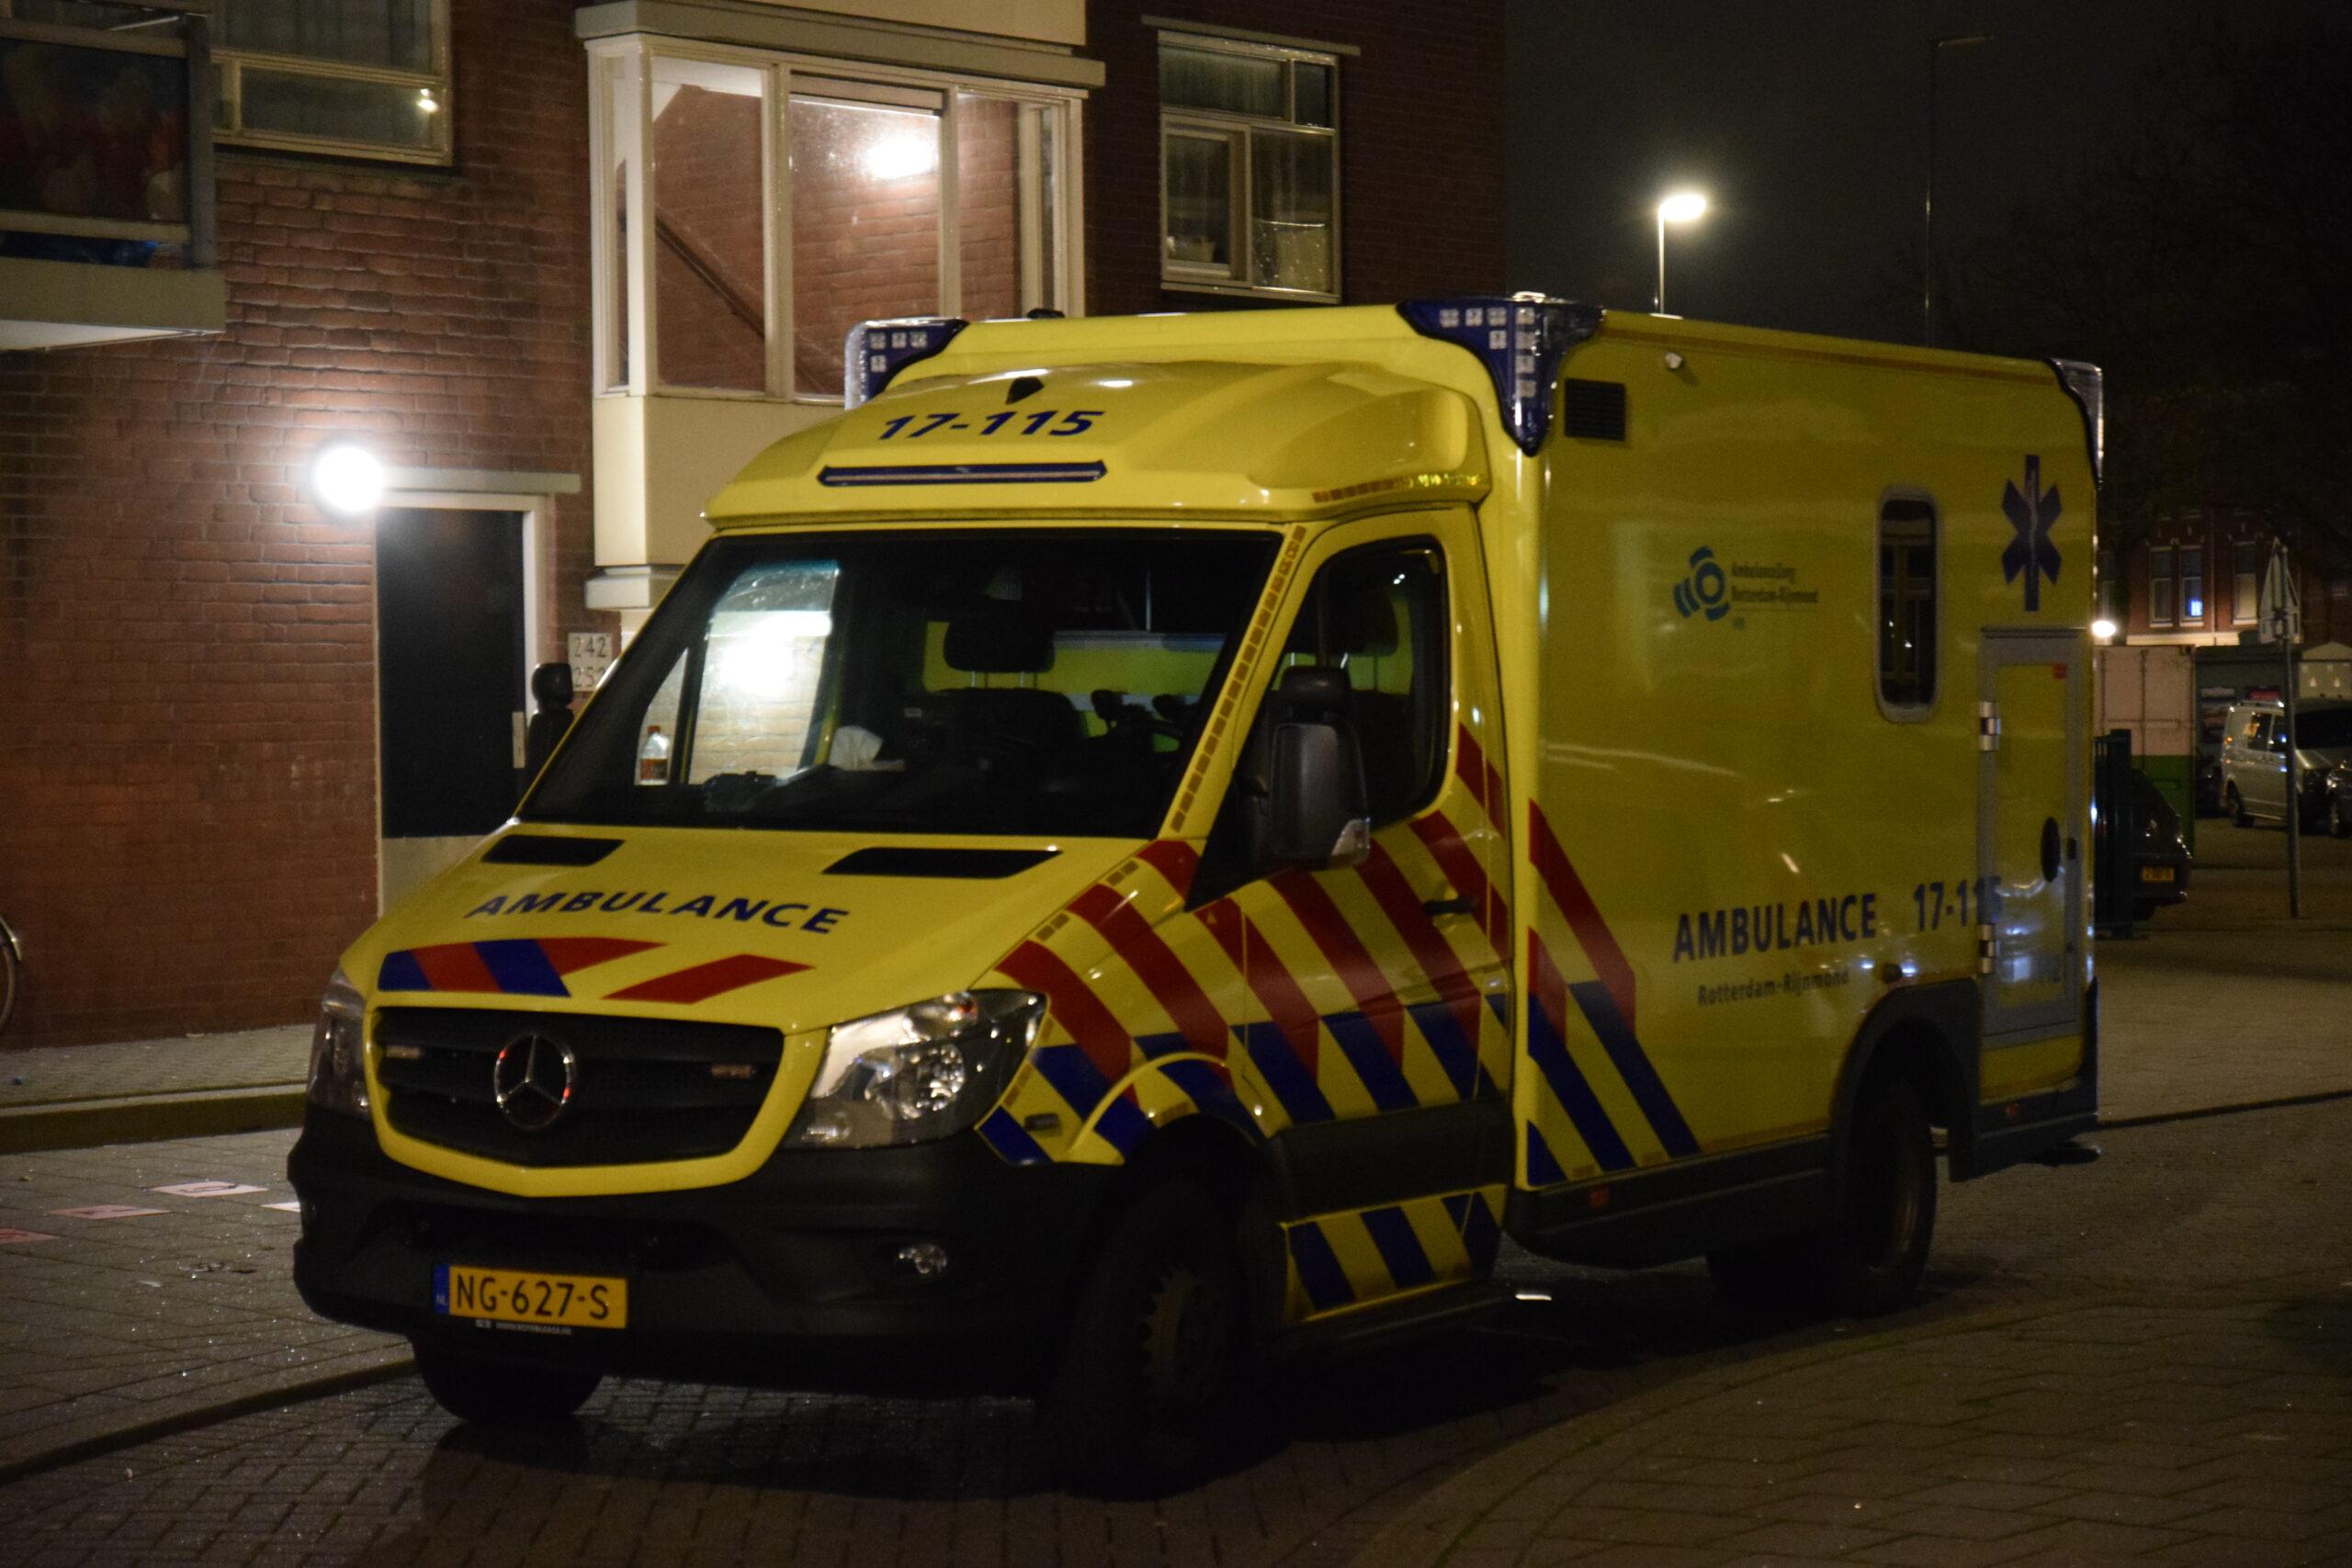 Twee gewonden bij steekincident 's-Gravenzande, politie zoekt getuigen